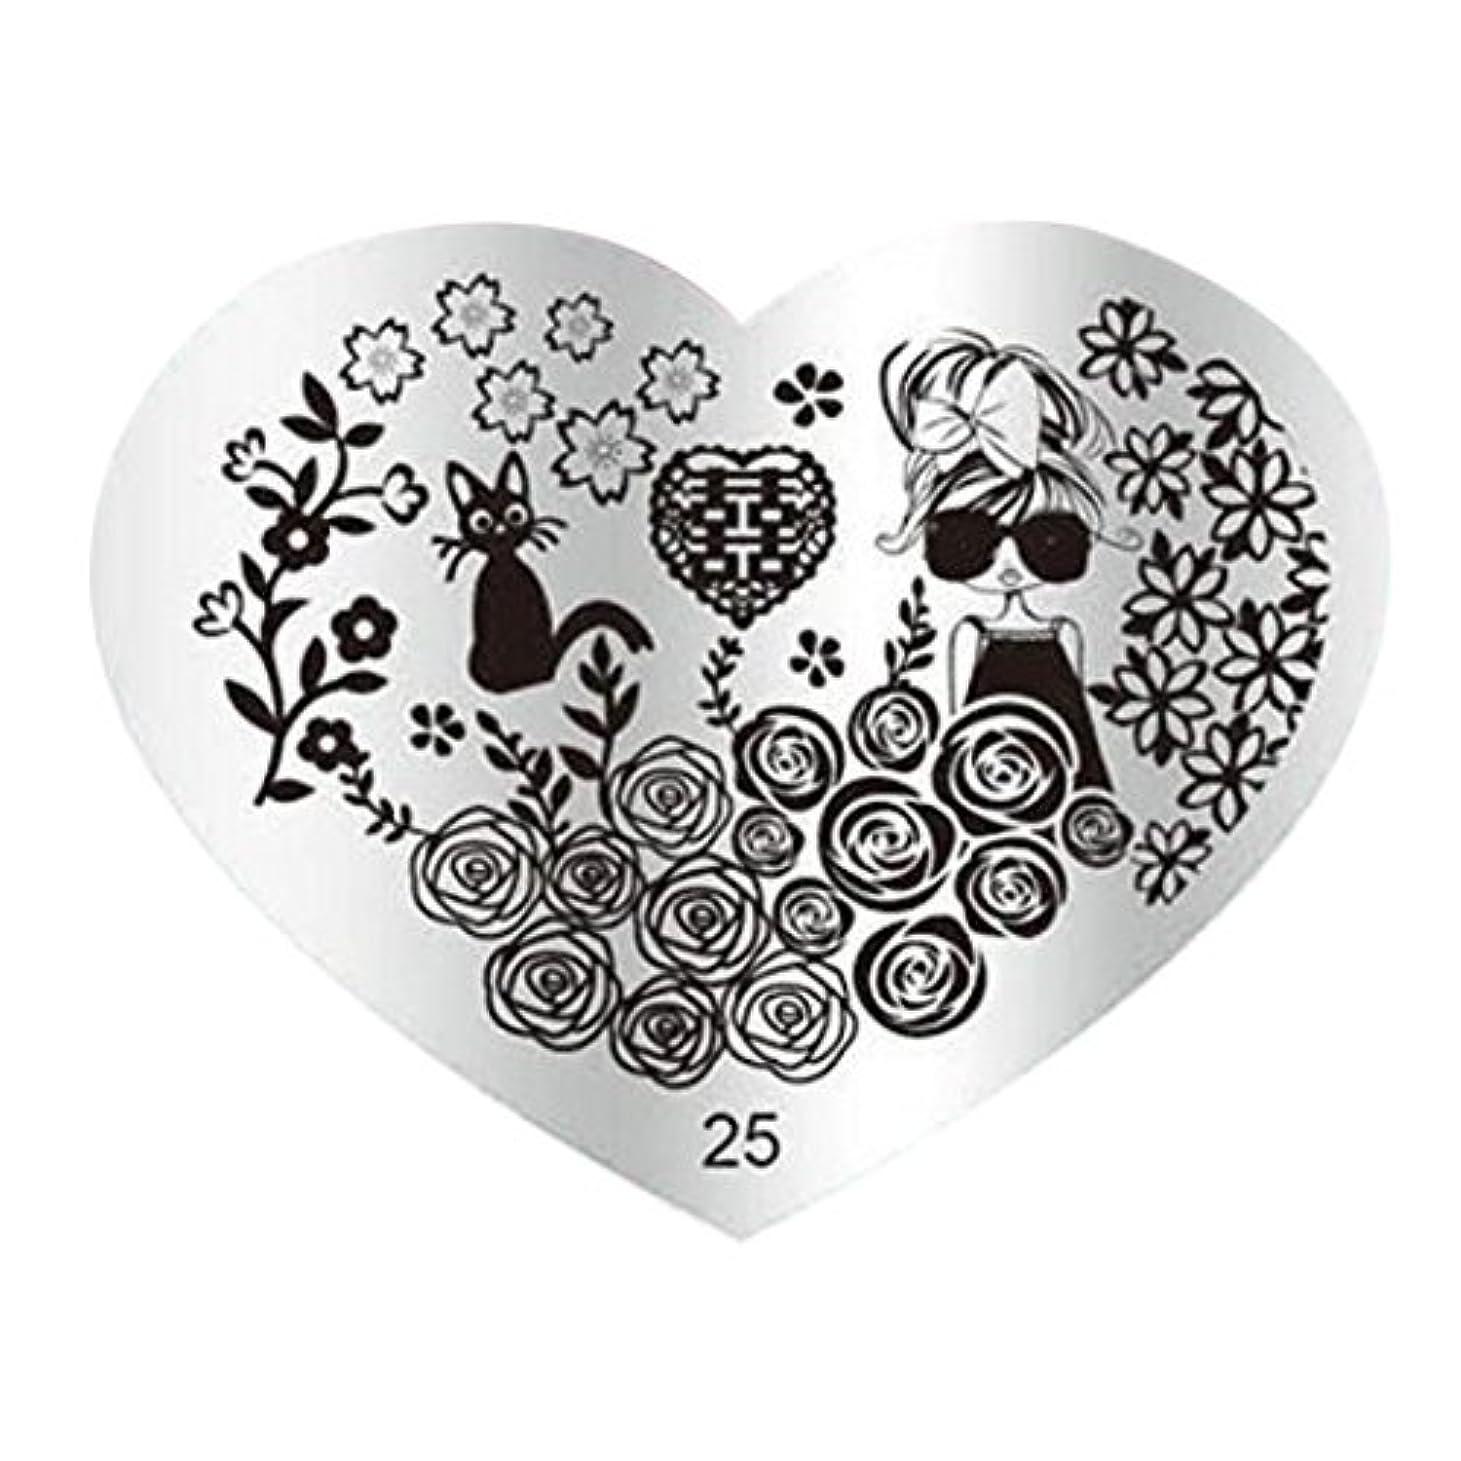 区スクラップアッパーSODIAL DIYネイルアート画像スタンププレート マニキュアテンプレートパンチング(25#)